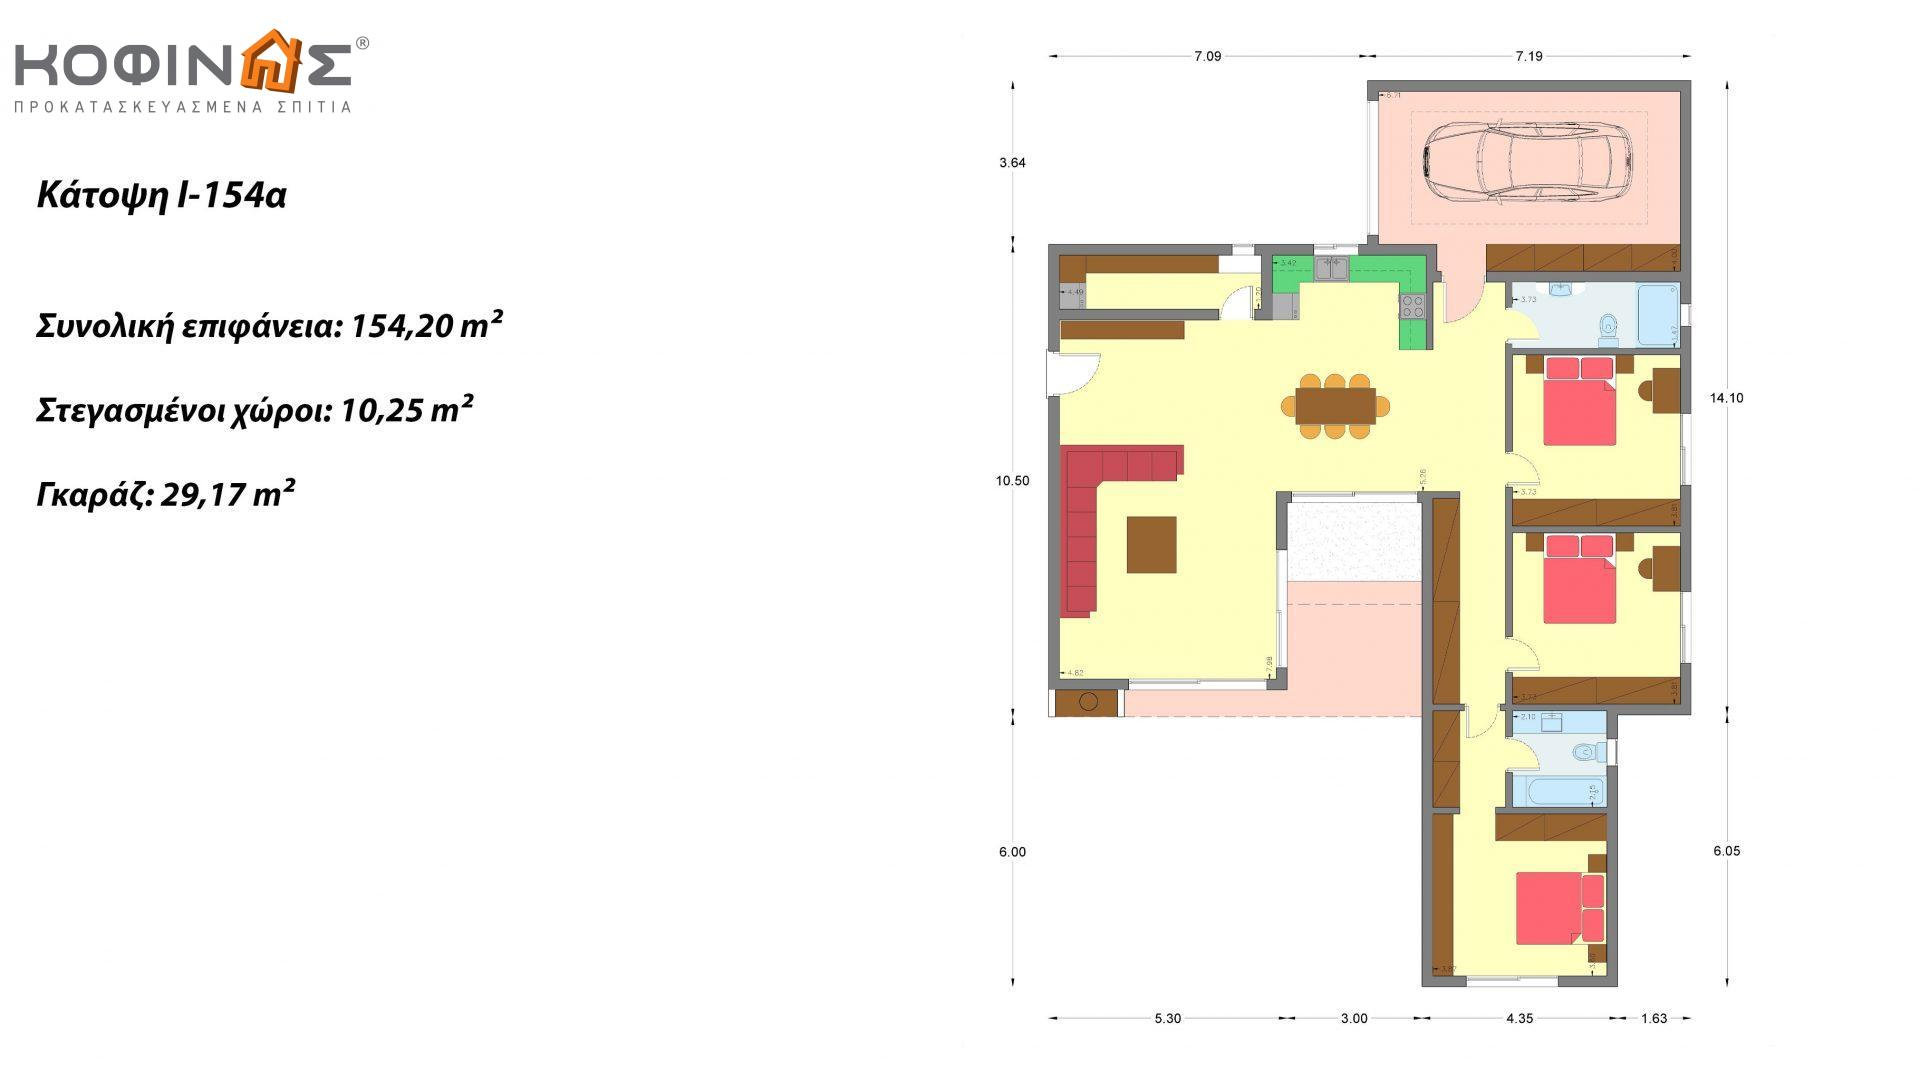 Ισόγεια κατοικία Ι-154a, συνολικής επιφάνειας 154,20 τ.μ.